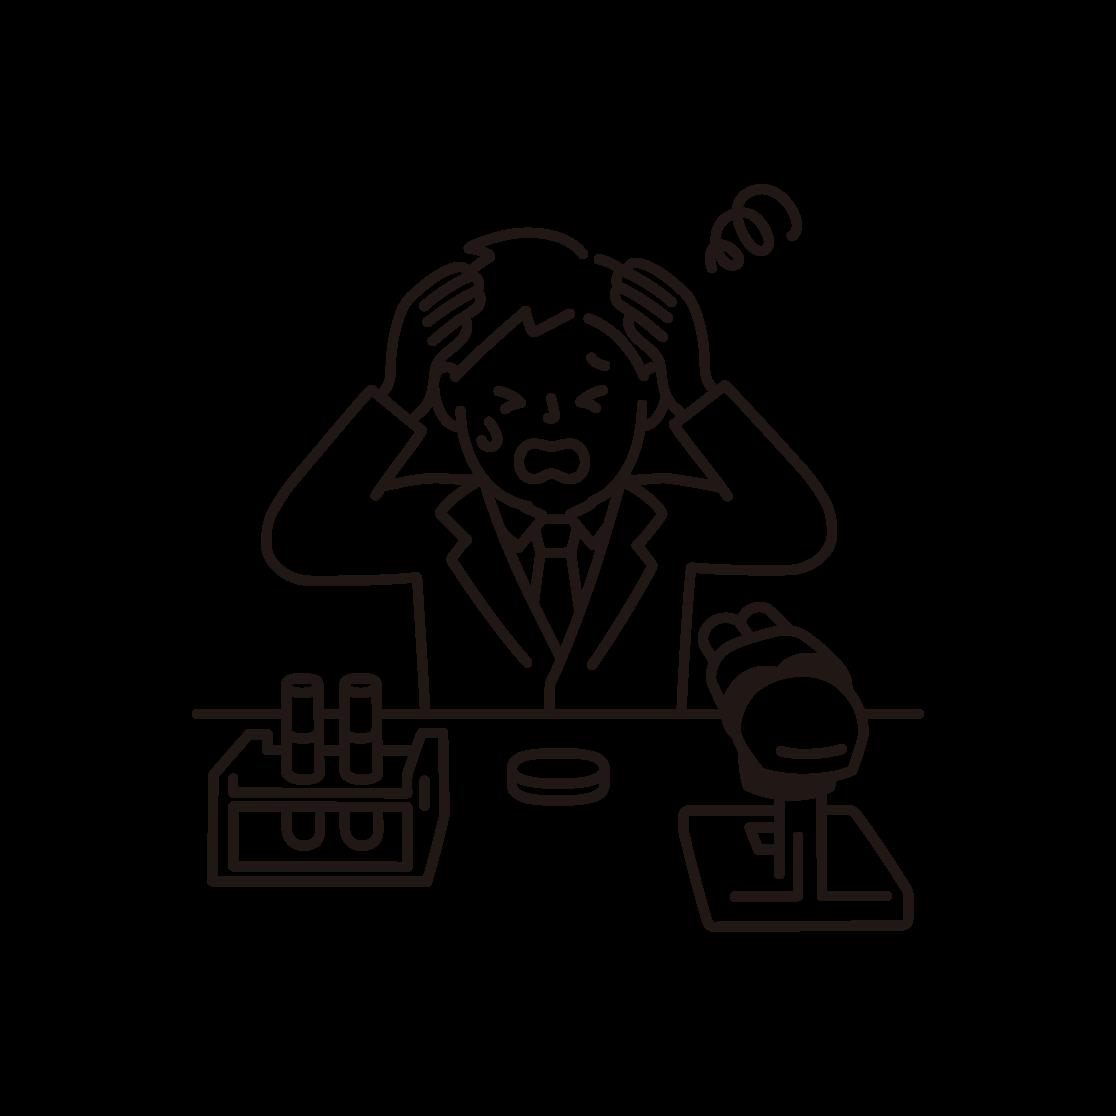 頭を抱える研究者(男性)の線画イラスト